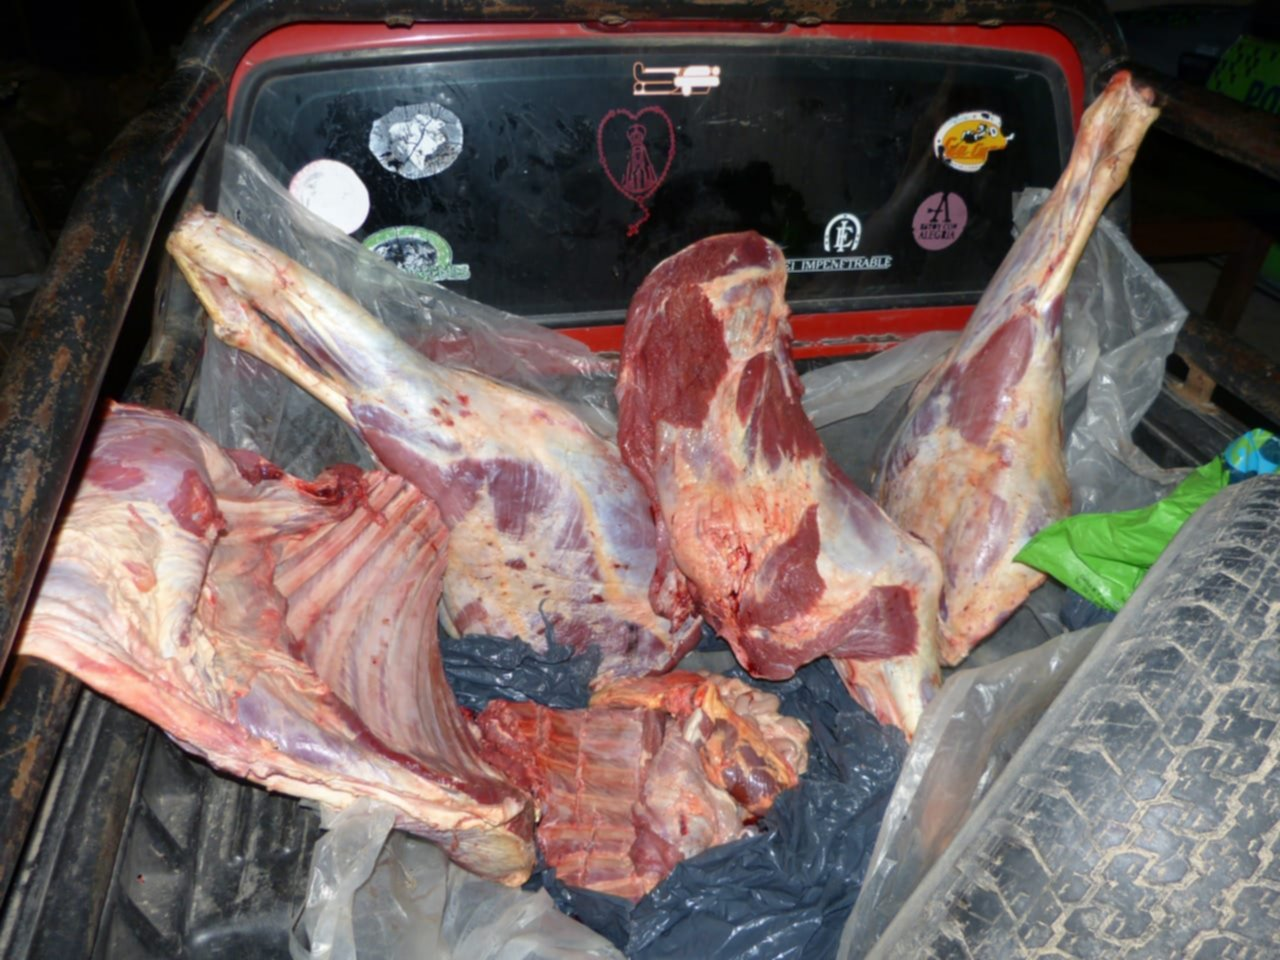 <p>Cortes. La mercader&iacute;a hallada era transportada de manera ilegal.</p>